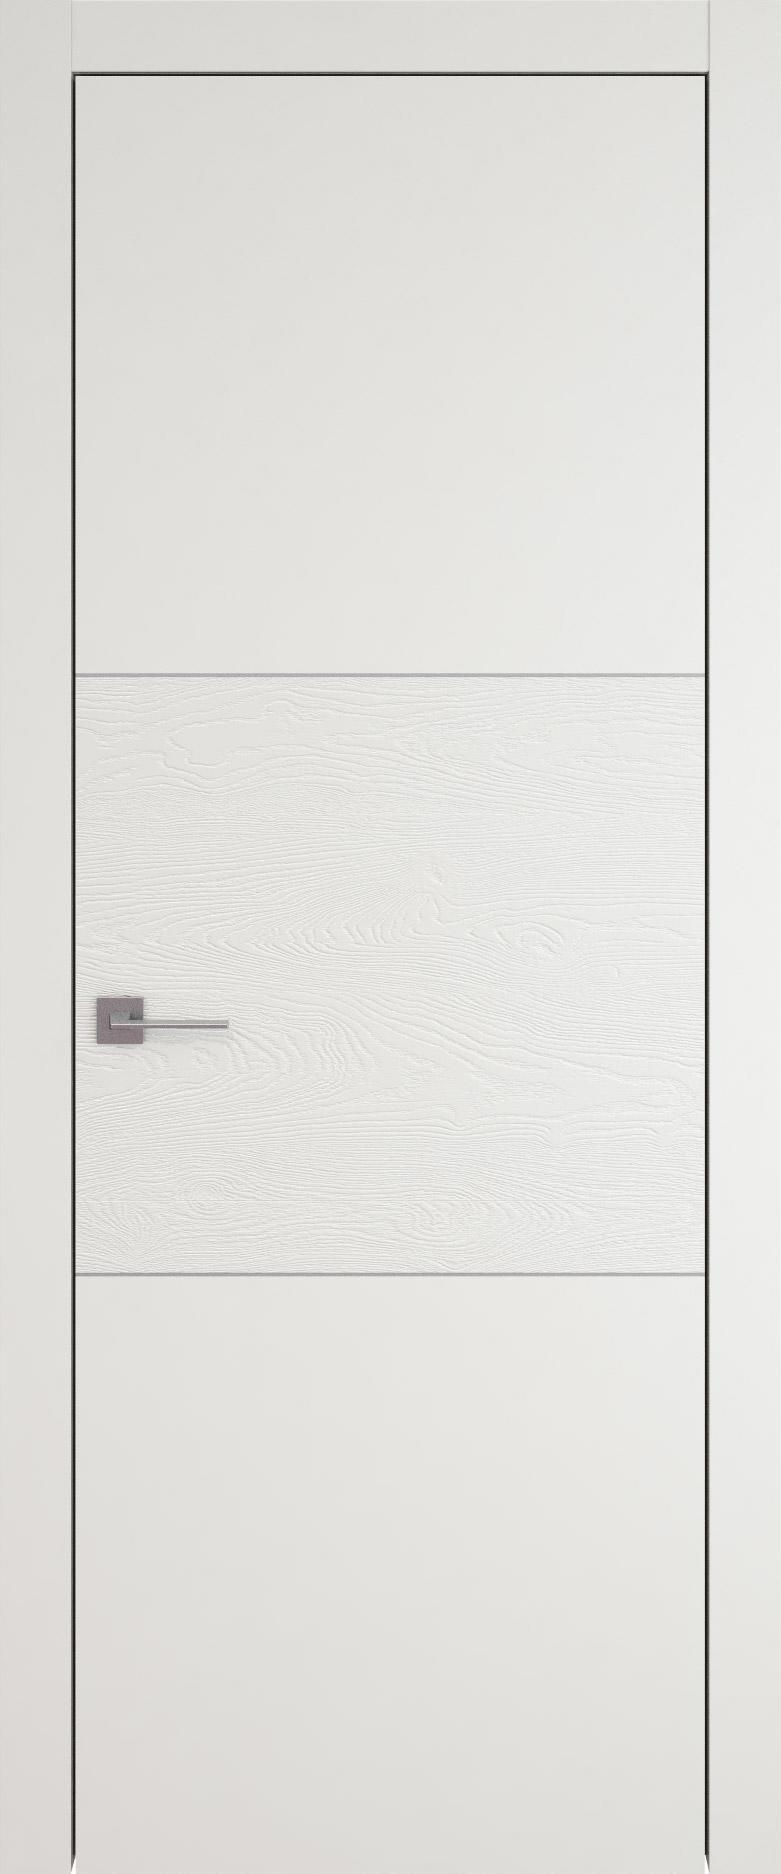 Tivoli В-2 цвет - Бежевая эмаль-эмаль по шпону (RAL 9010) Без стекла (ДГ)